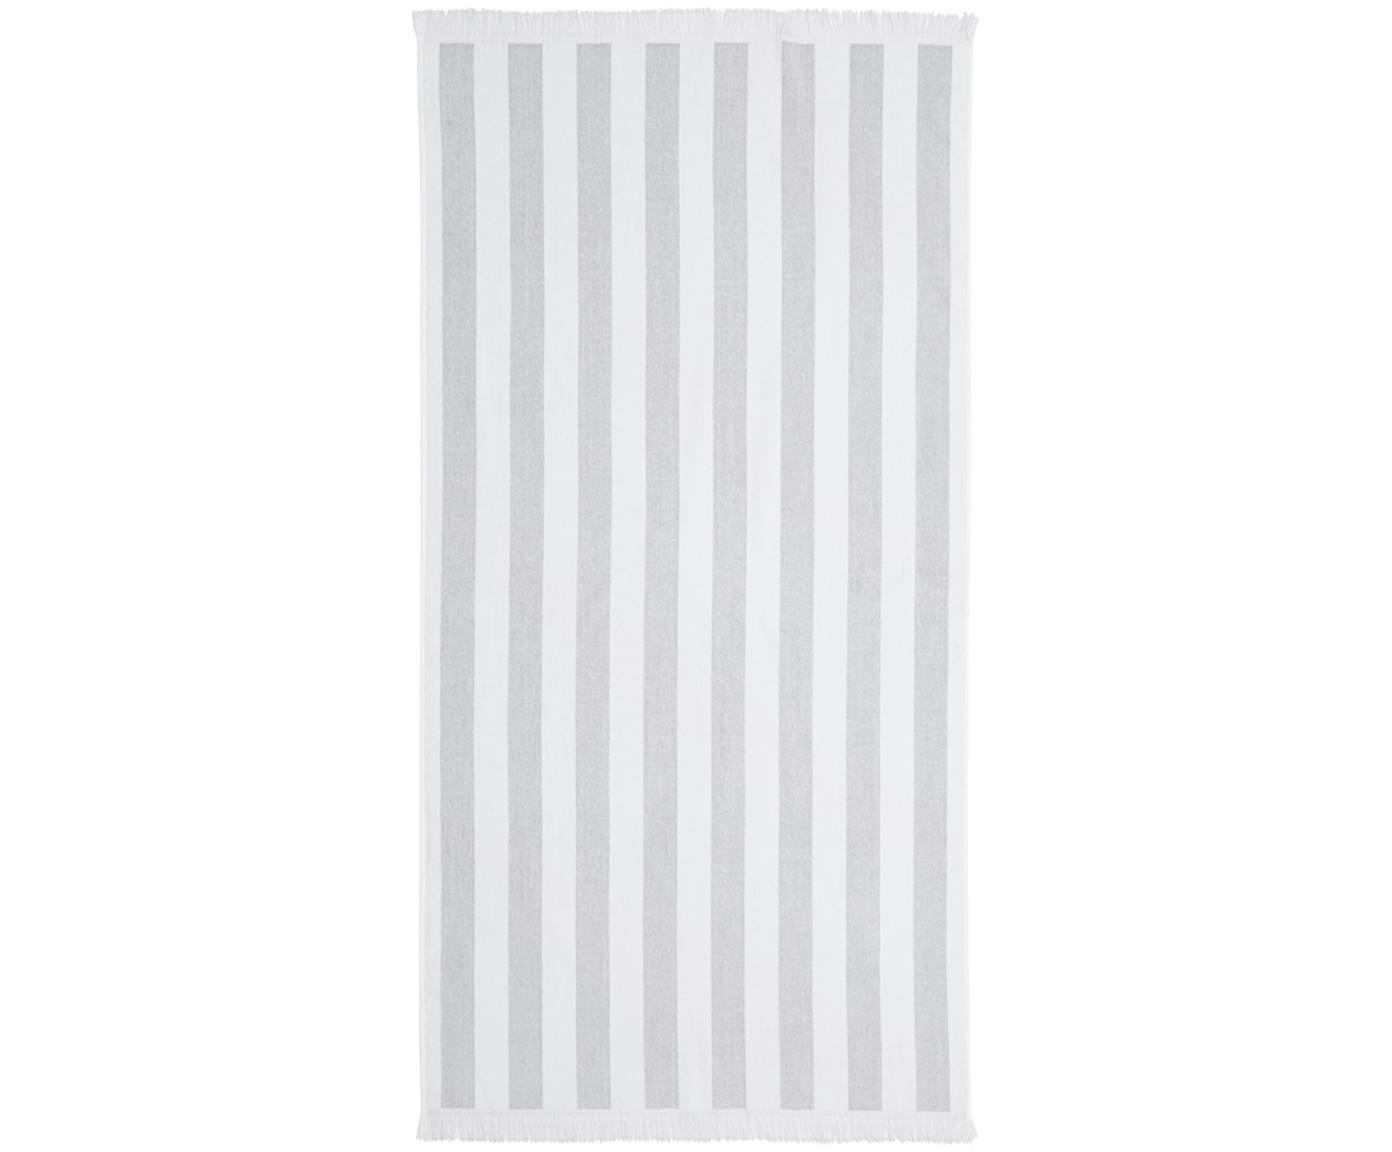 Telo mare a righe Mare, Cotone Qualità leggera 380 g/m², Grigio, bianco, Larg. 80 x Lung. 160 cm